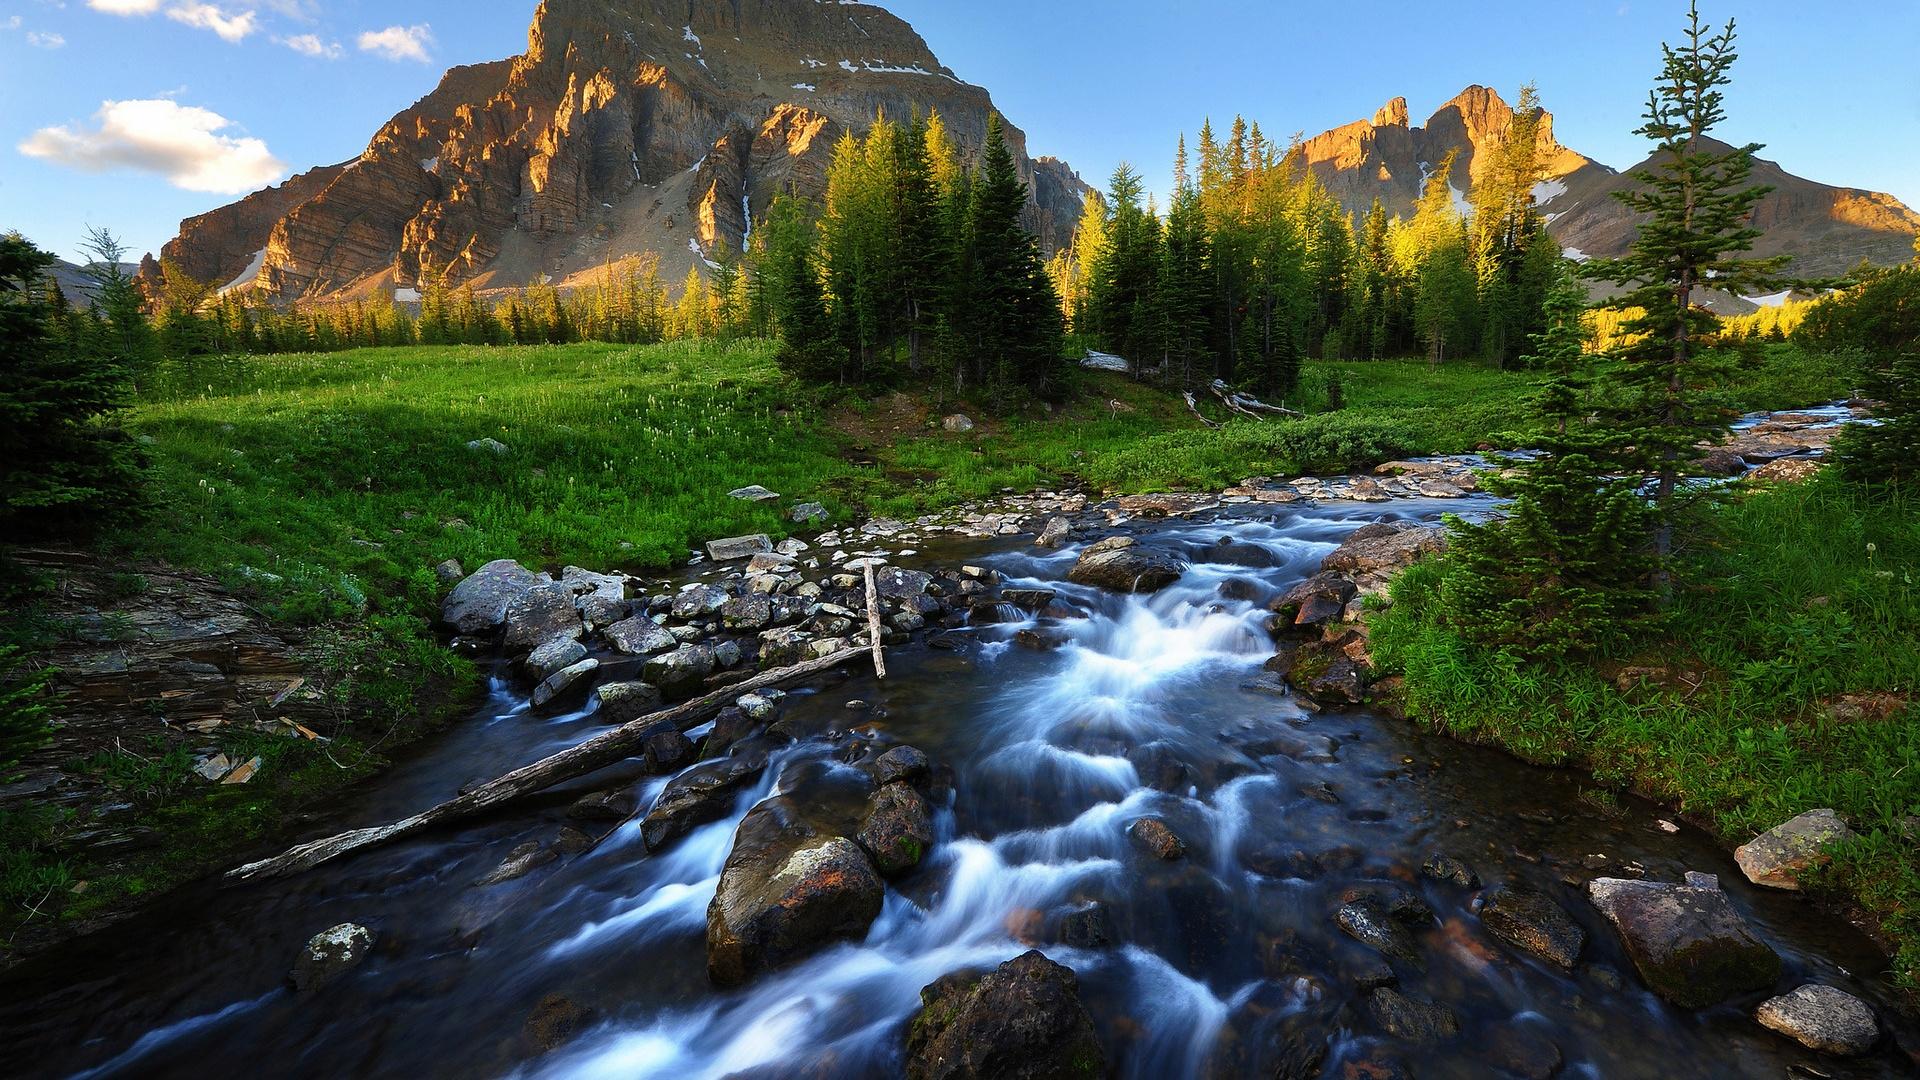 ... River Wallpaper; River Wallpaper